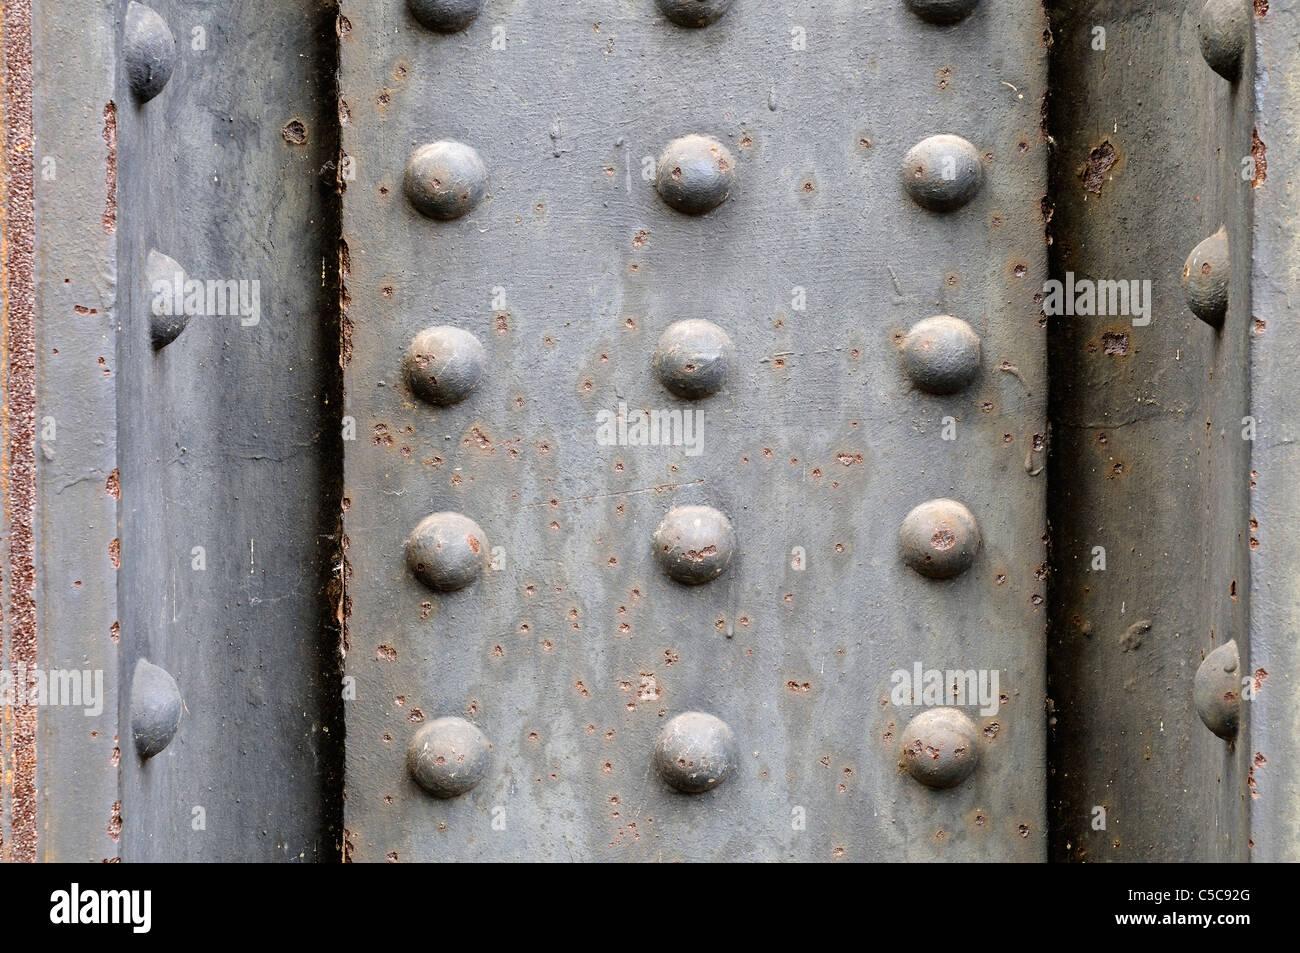 Grunge Metallplatte Hintergrund mit Nieten. Stockbild